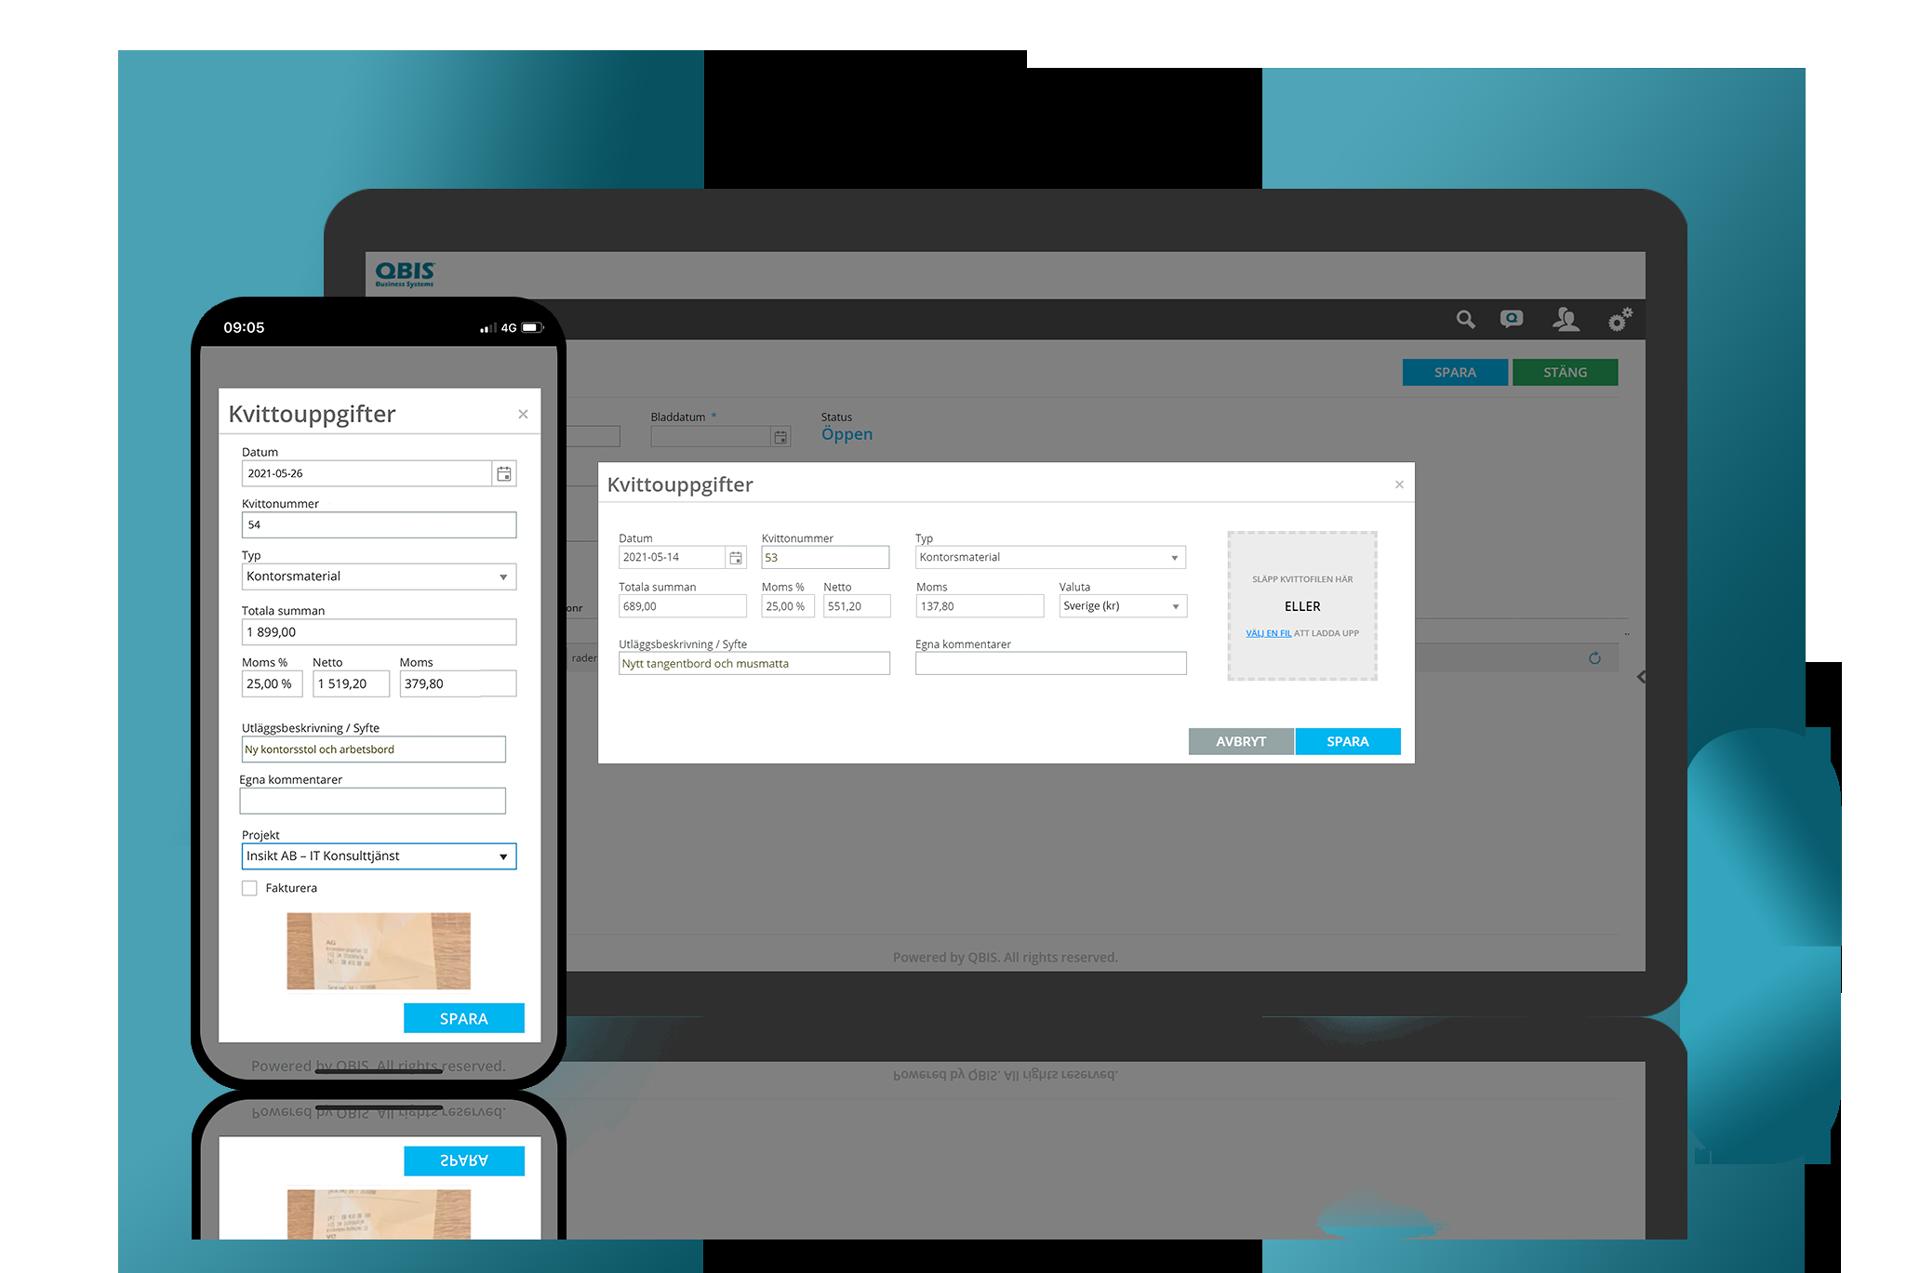 Använd QBIS kostnadshantering och registrera representationen